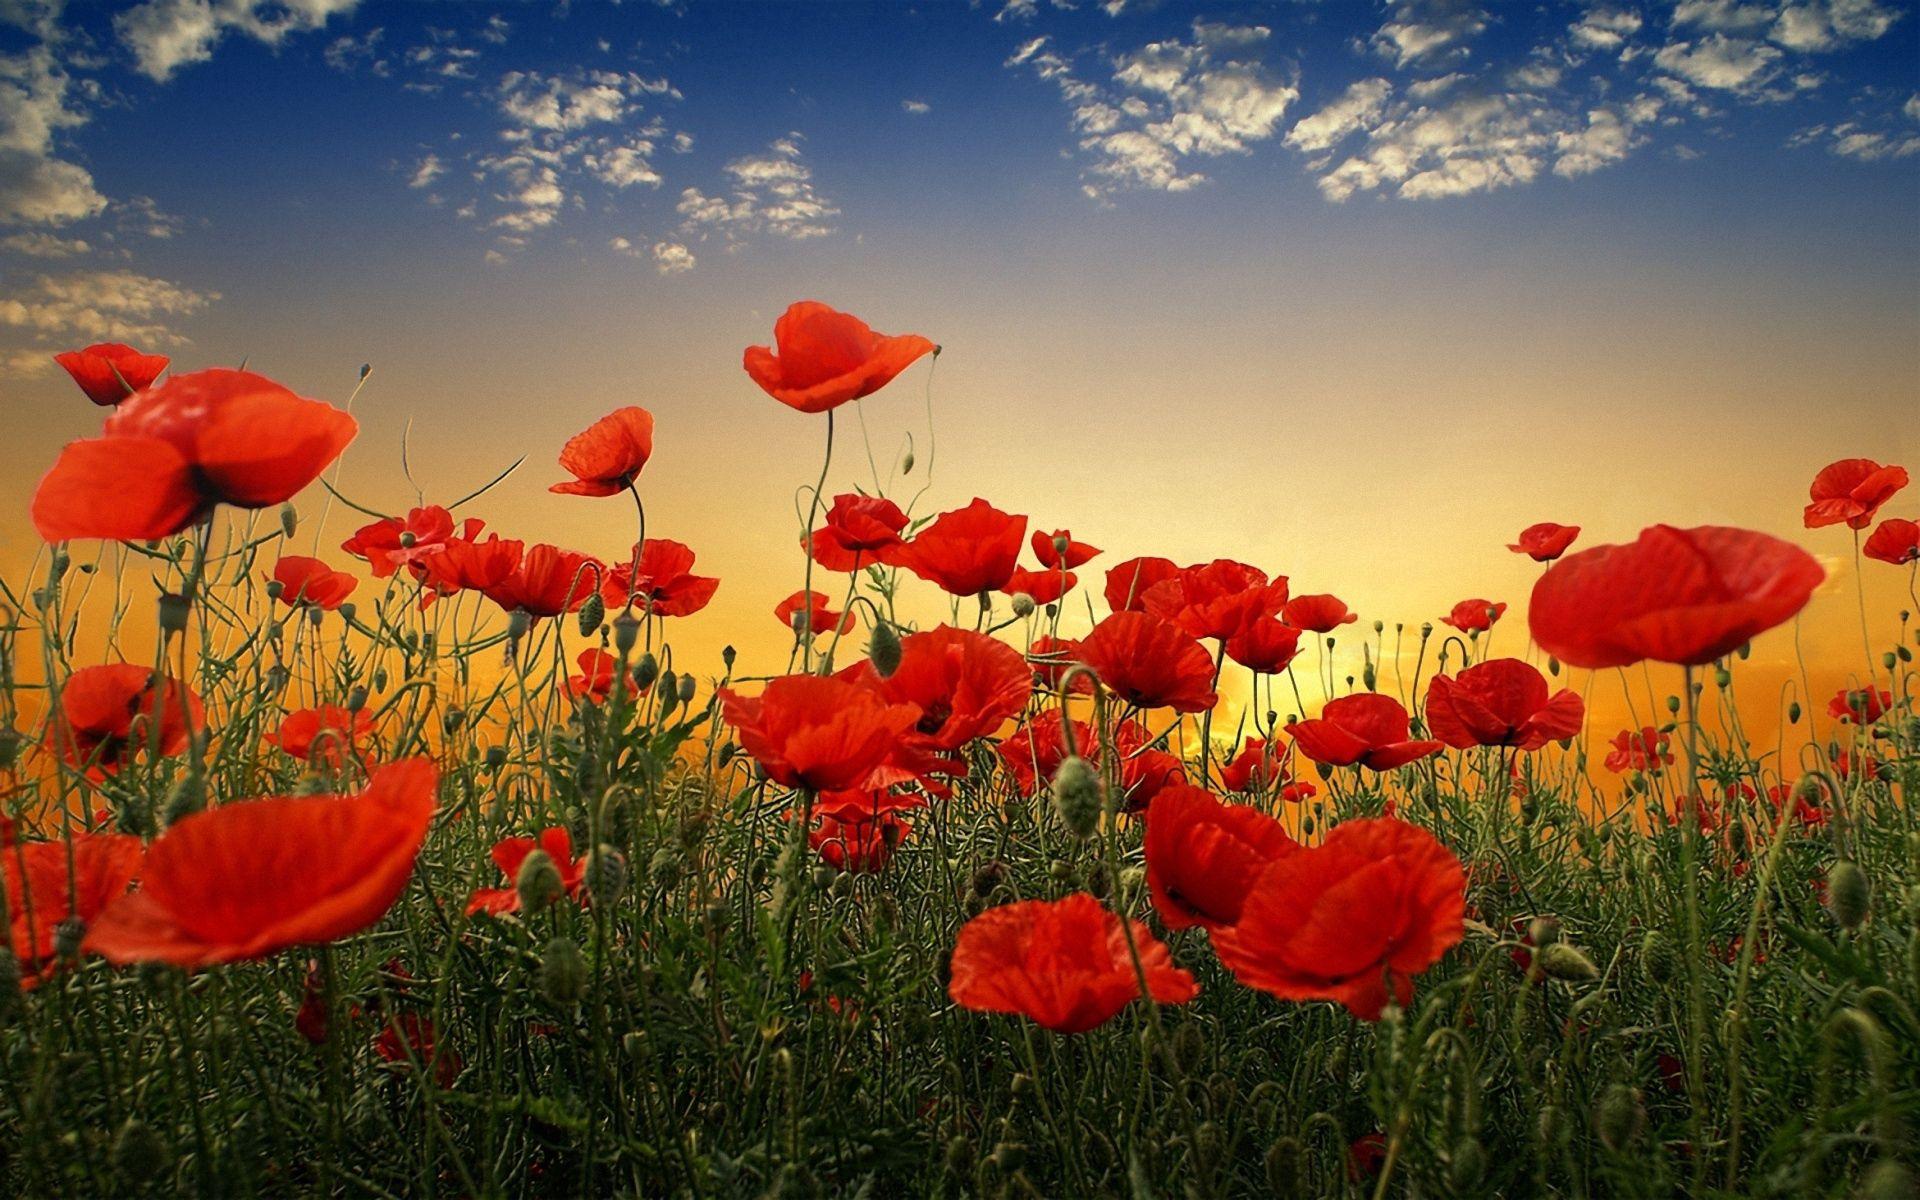 155873 скачать обои Цветы, Маки, Поле, Небо, Закат, Облака, Зелень - заставки и картинки бесплатно